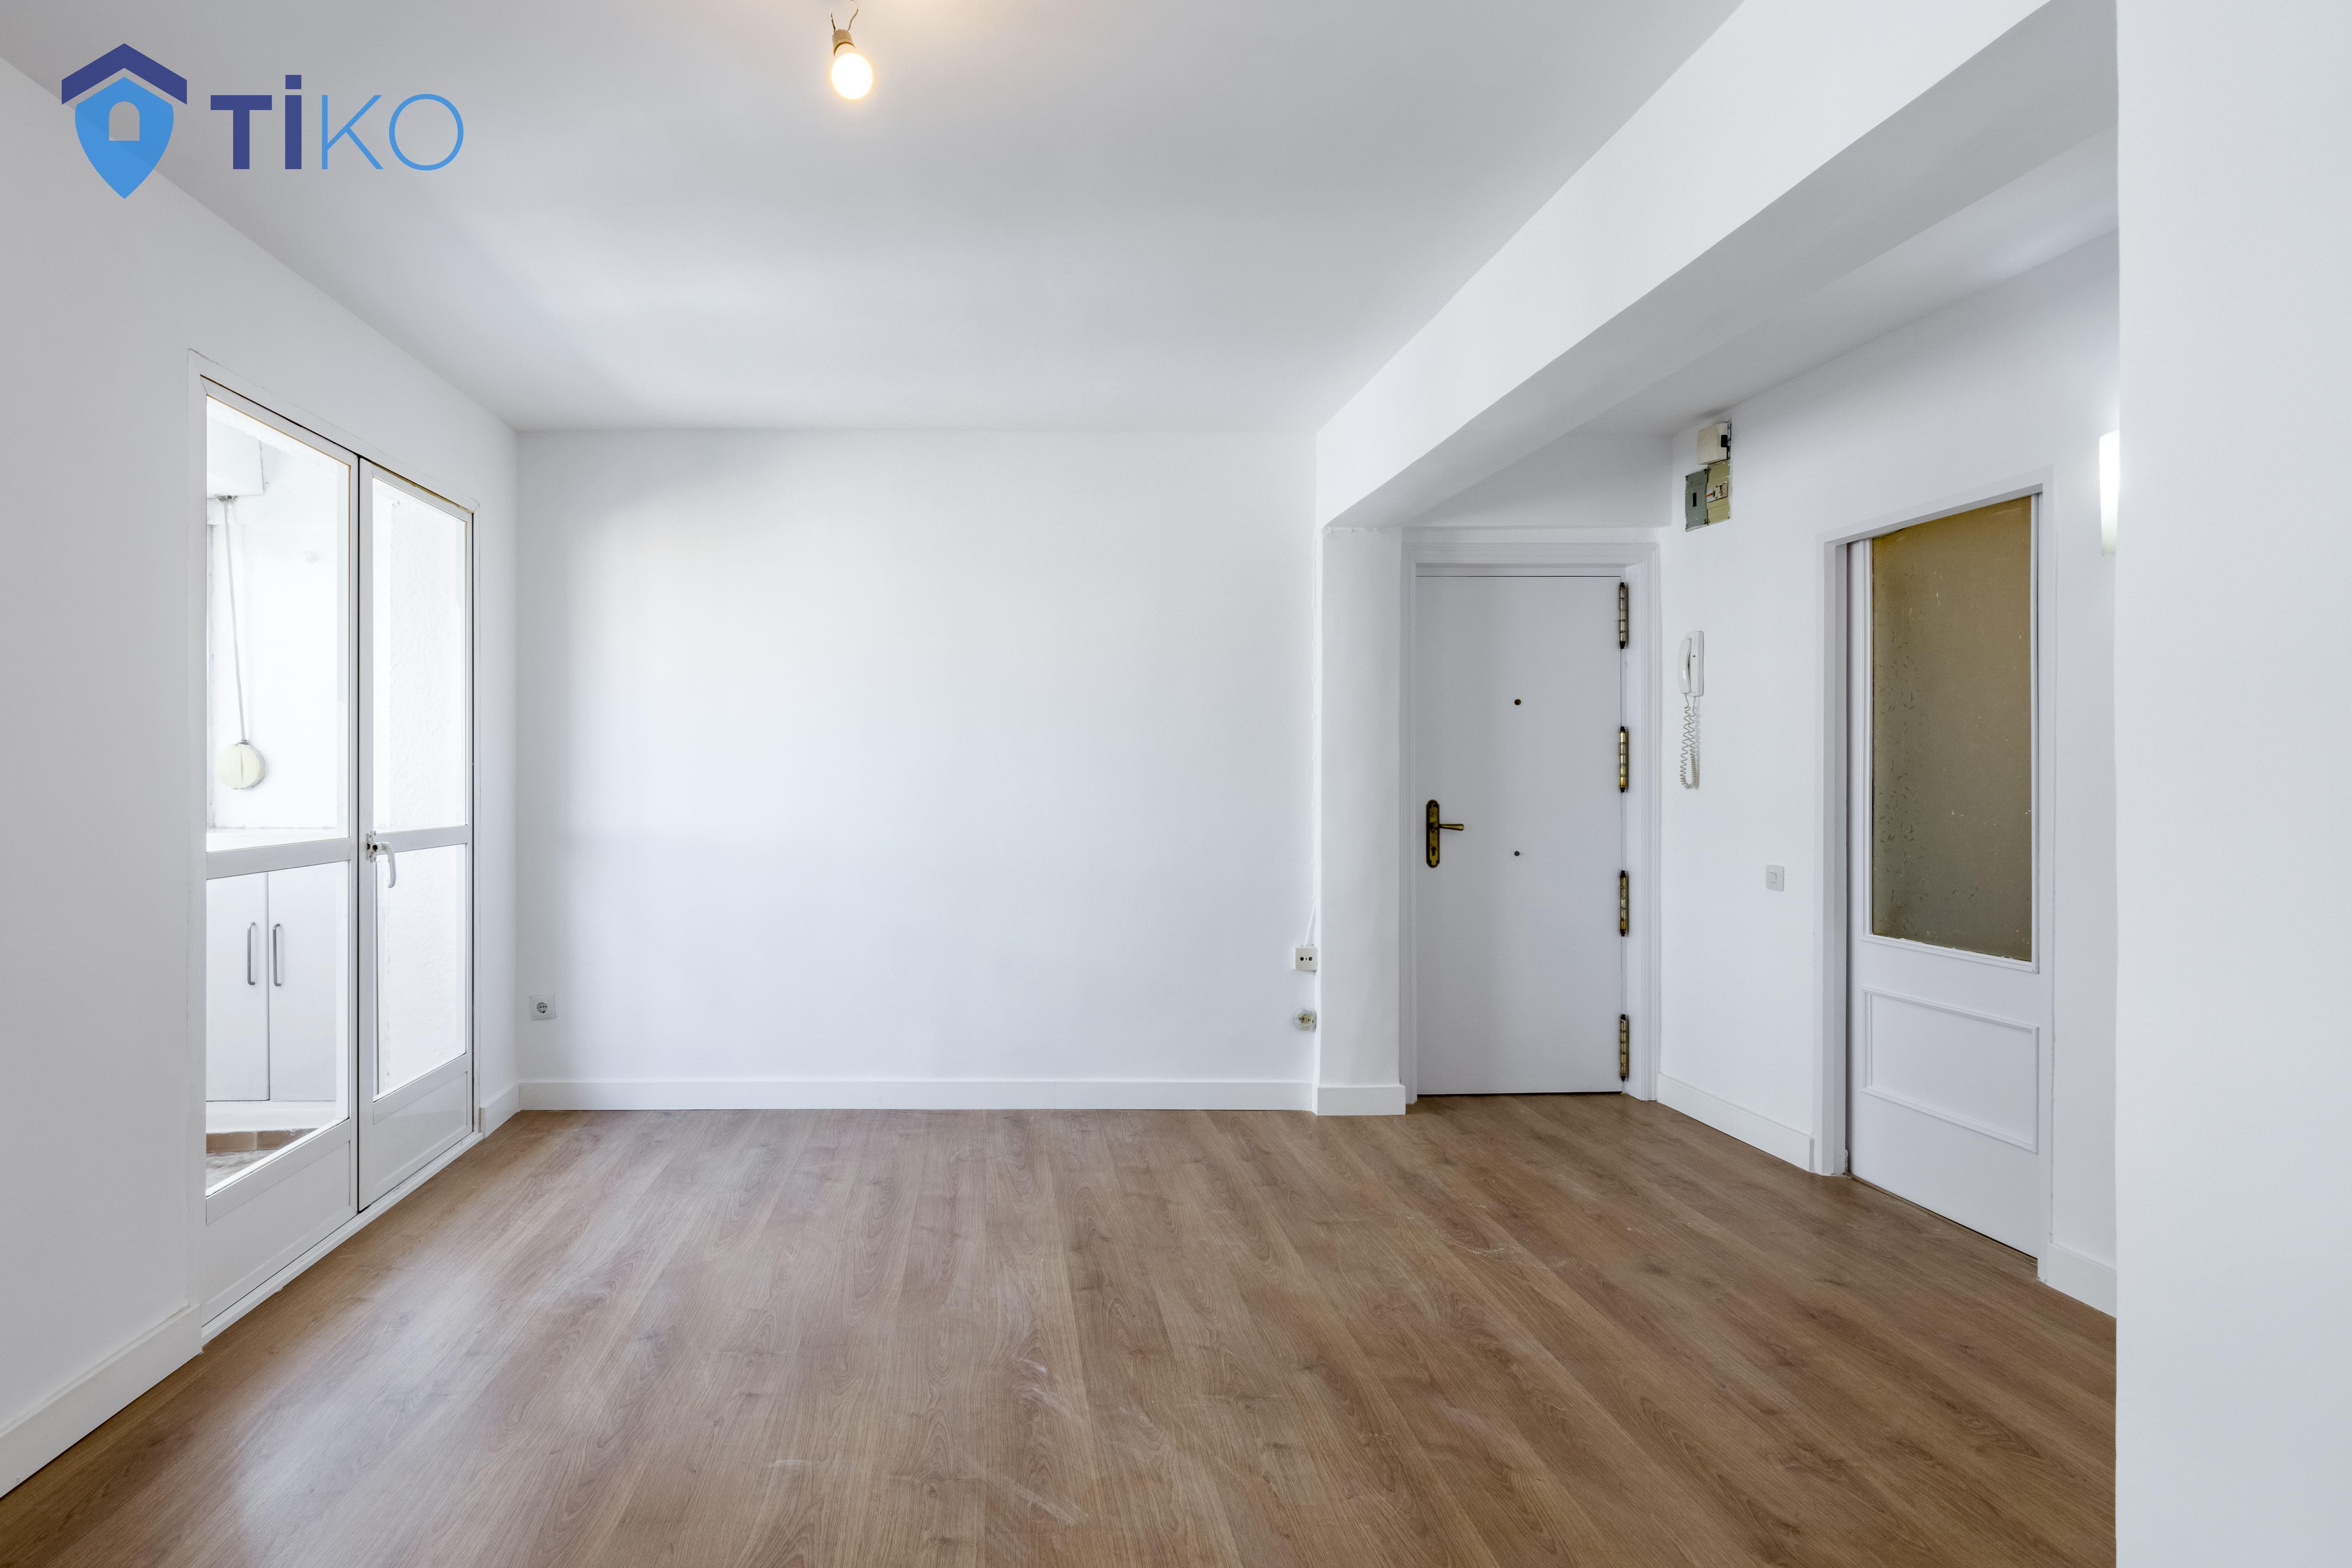 Vender una casa por Internet - Cuida las imágenes